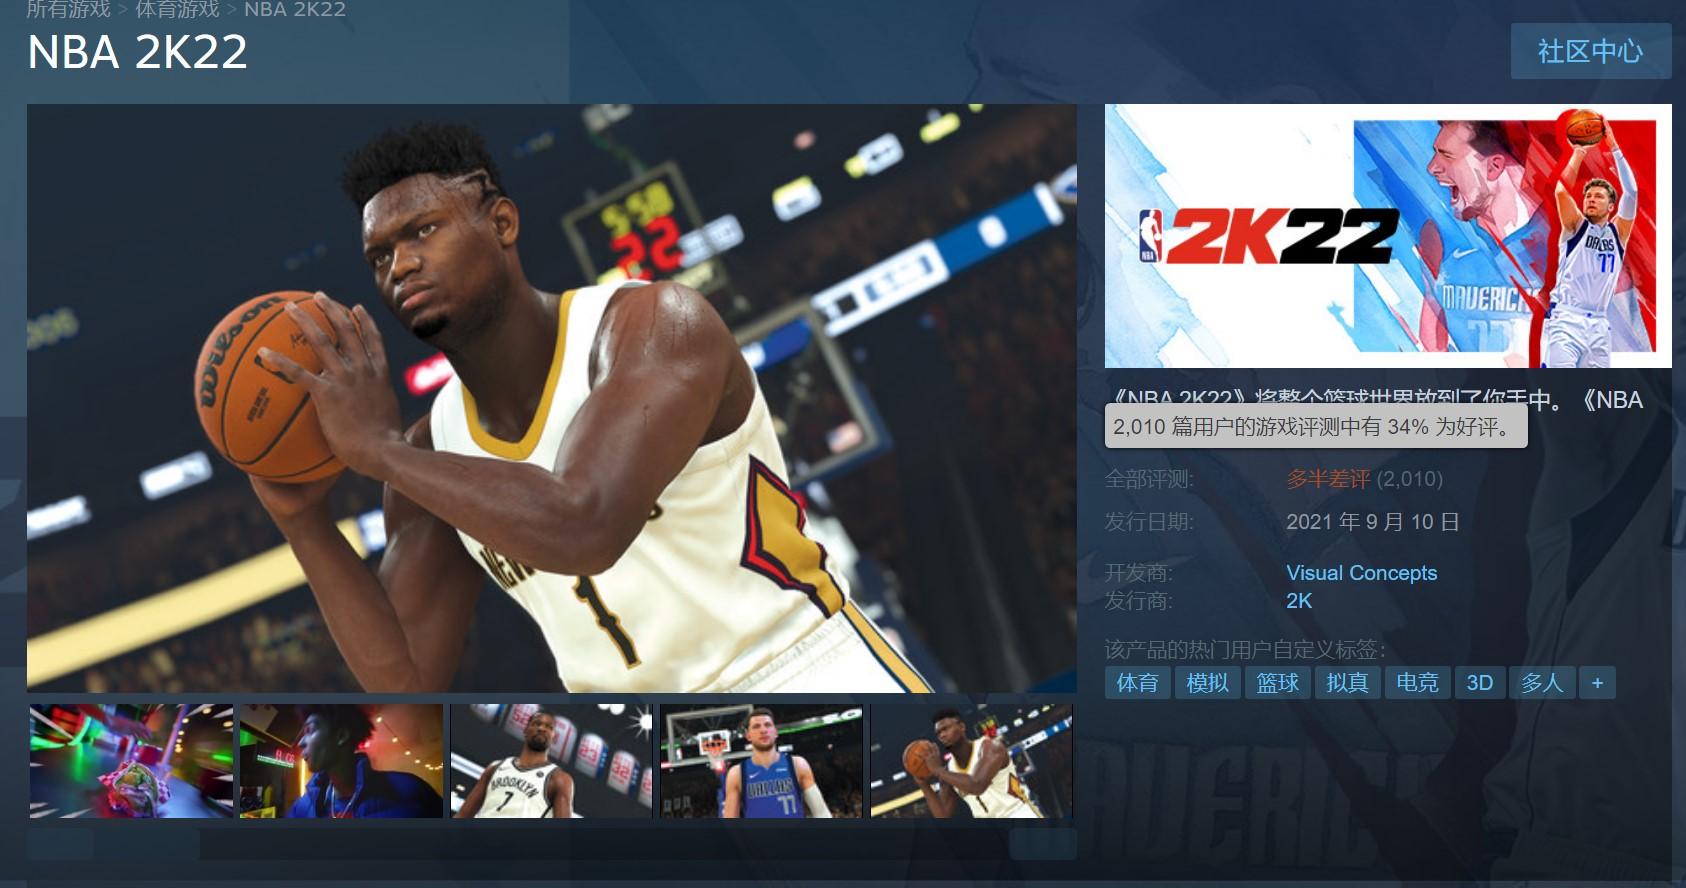 《NBA 2K22》IGN 7分:进攻相比防守更好 氪金依旧